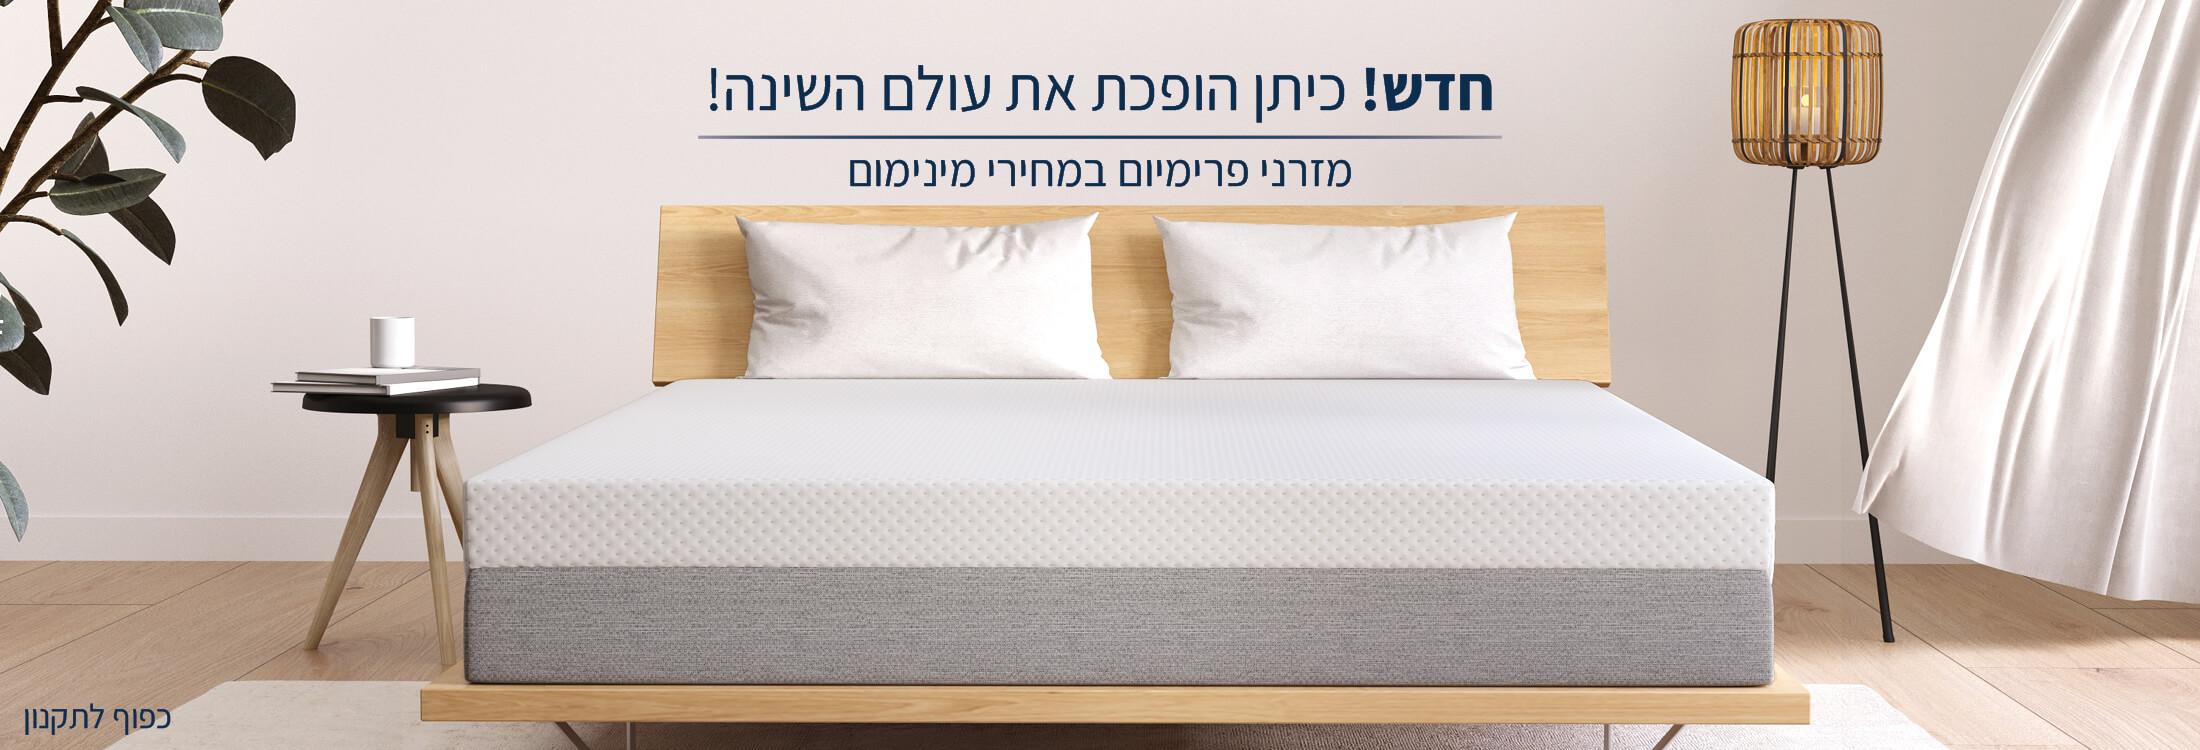 קטגוריית מזרנים- כיתן הופכת את עולם השינה